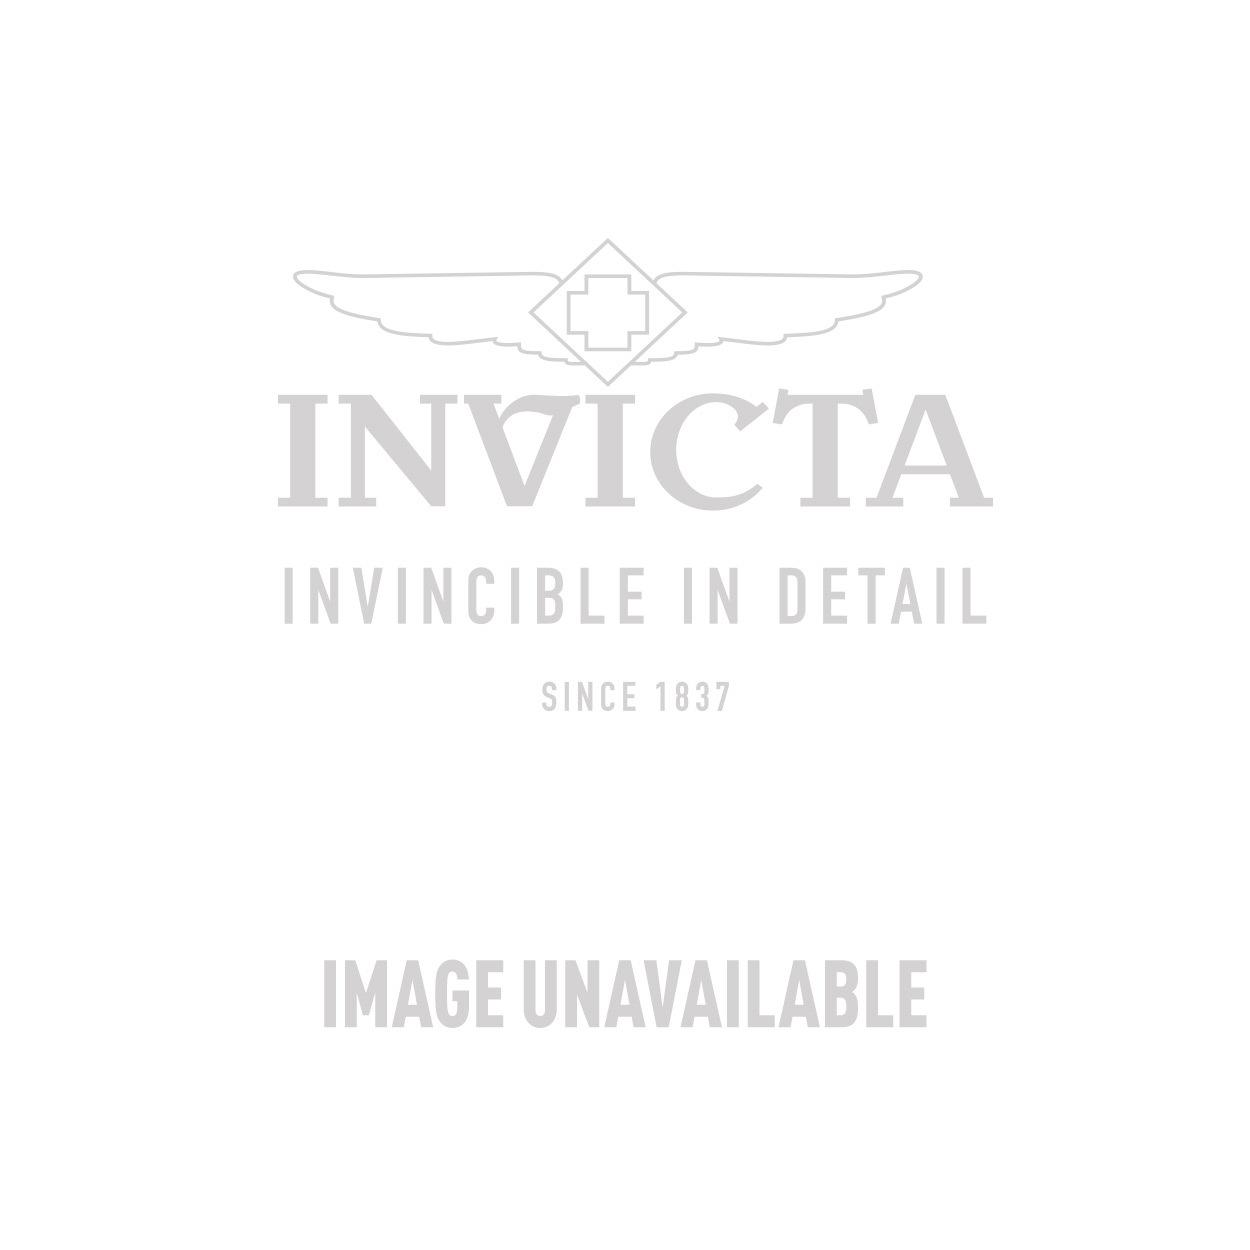 Invicta Model 24904